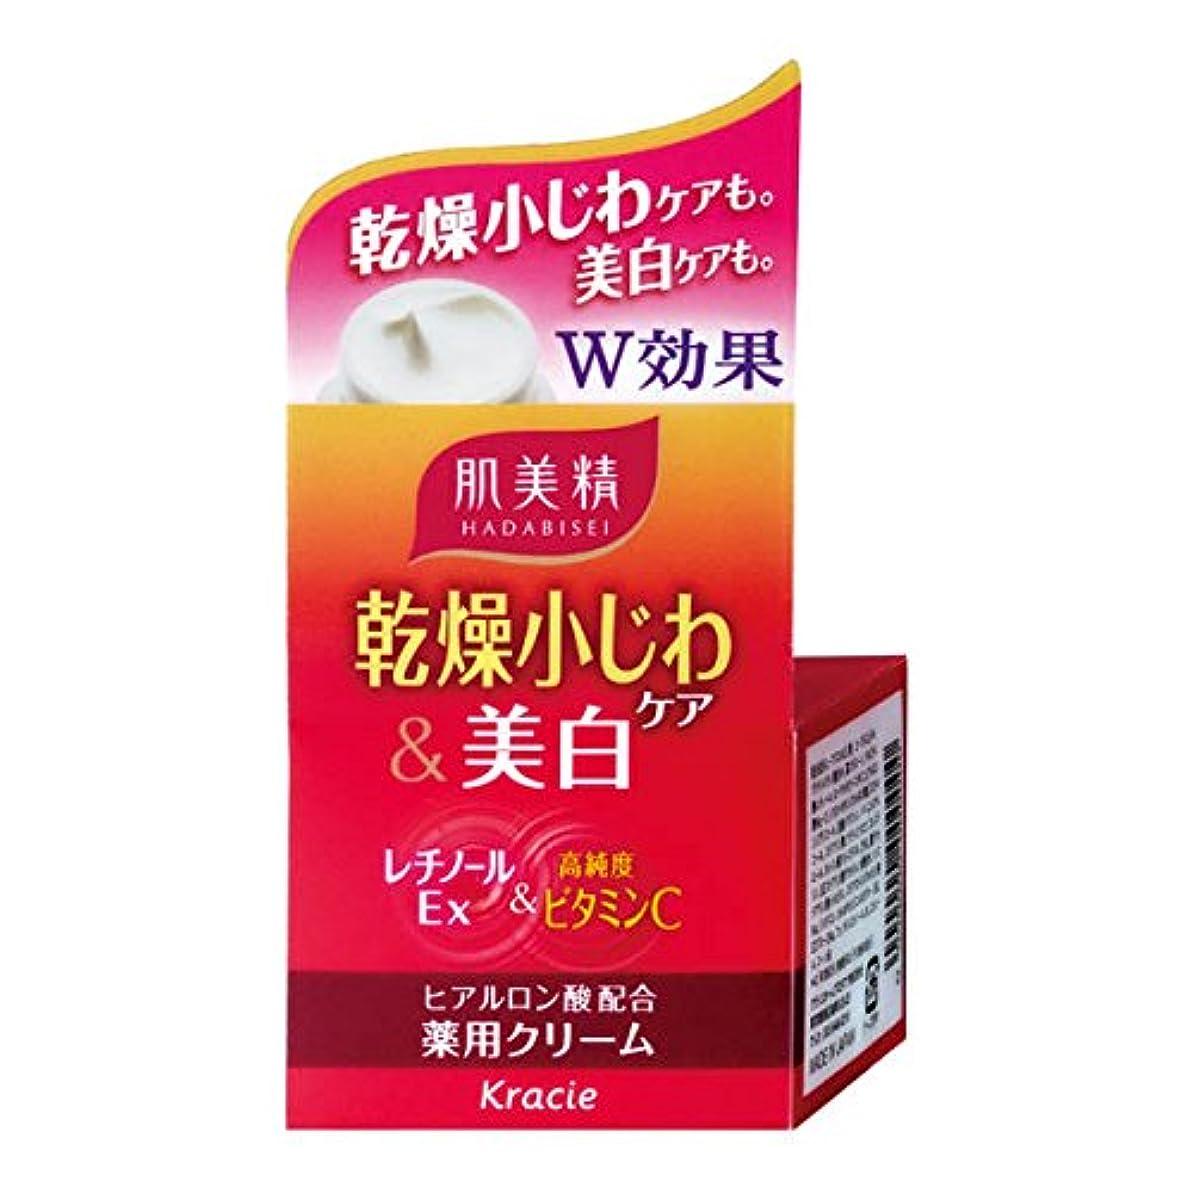 数学的な苦痛れる肌美精 乾燥小じわケア&美白 薬用クリーム 50g 【医薬部外品】